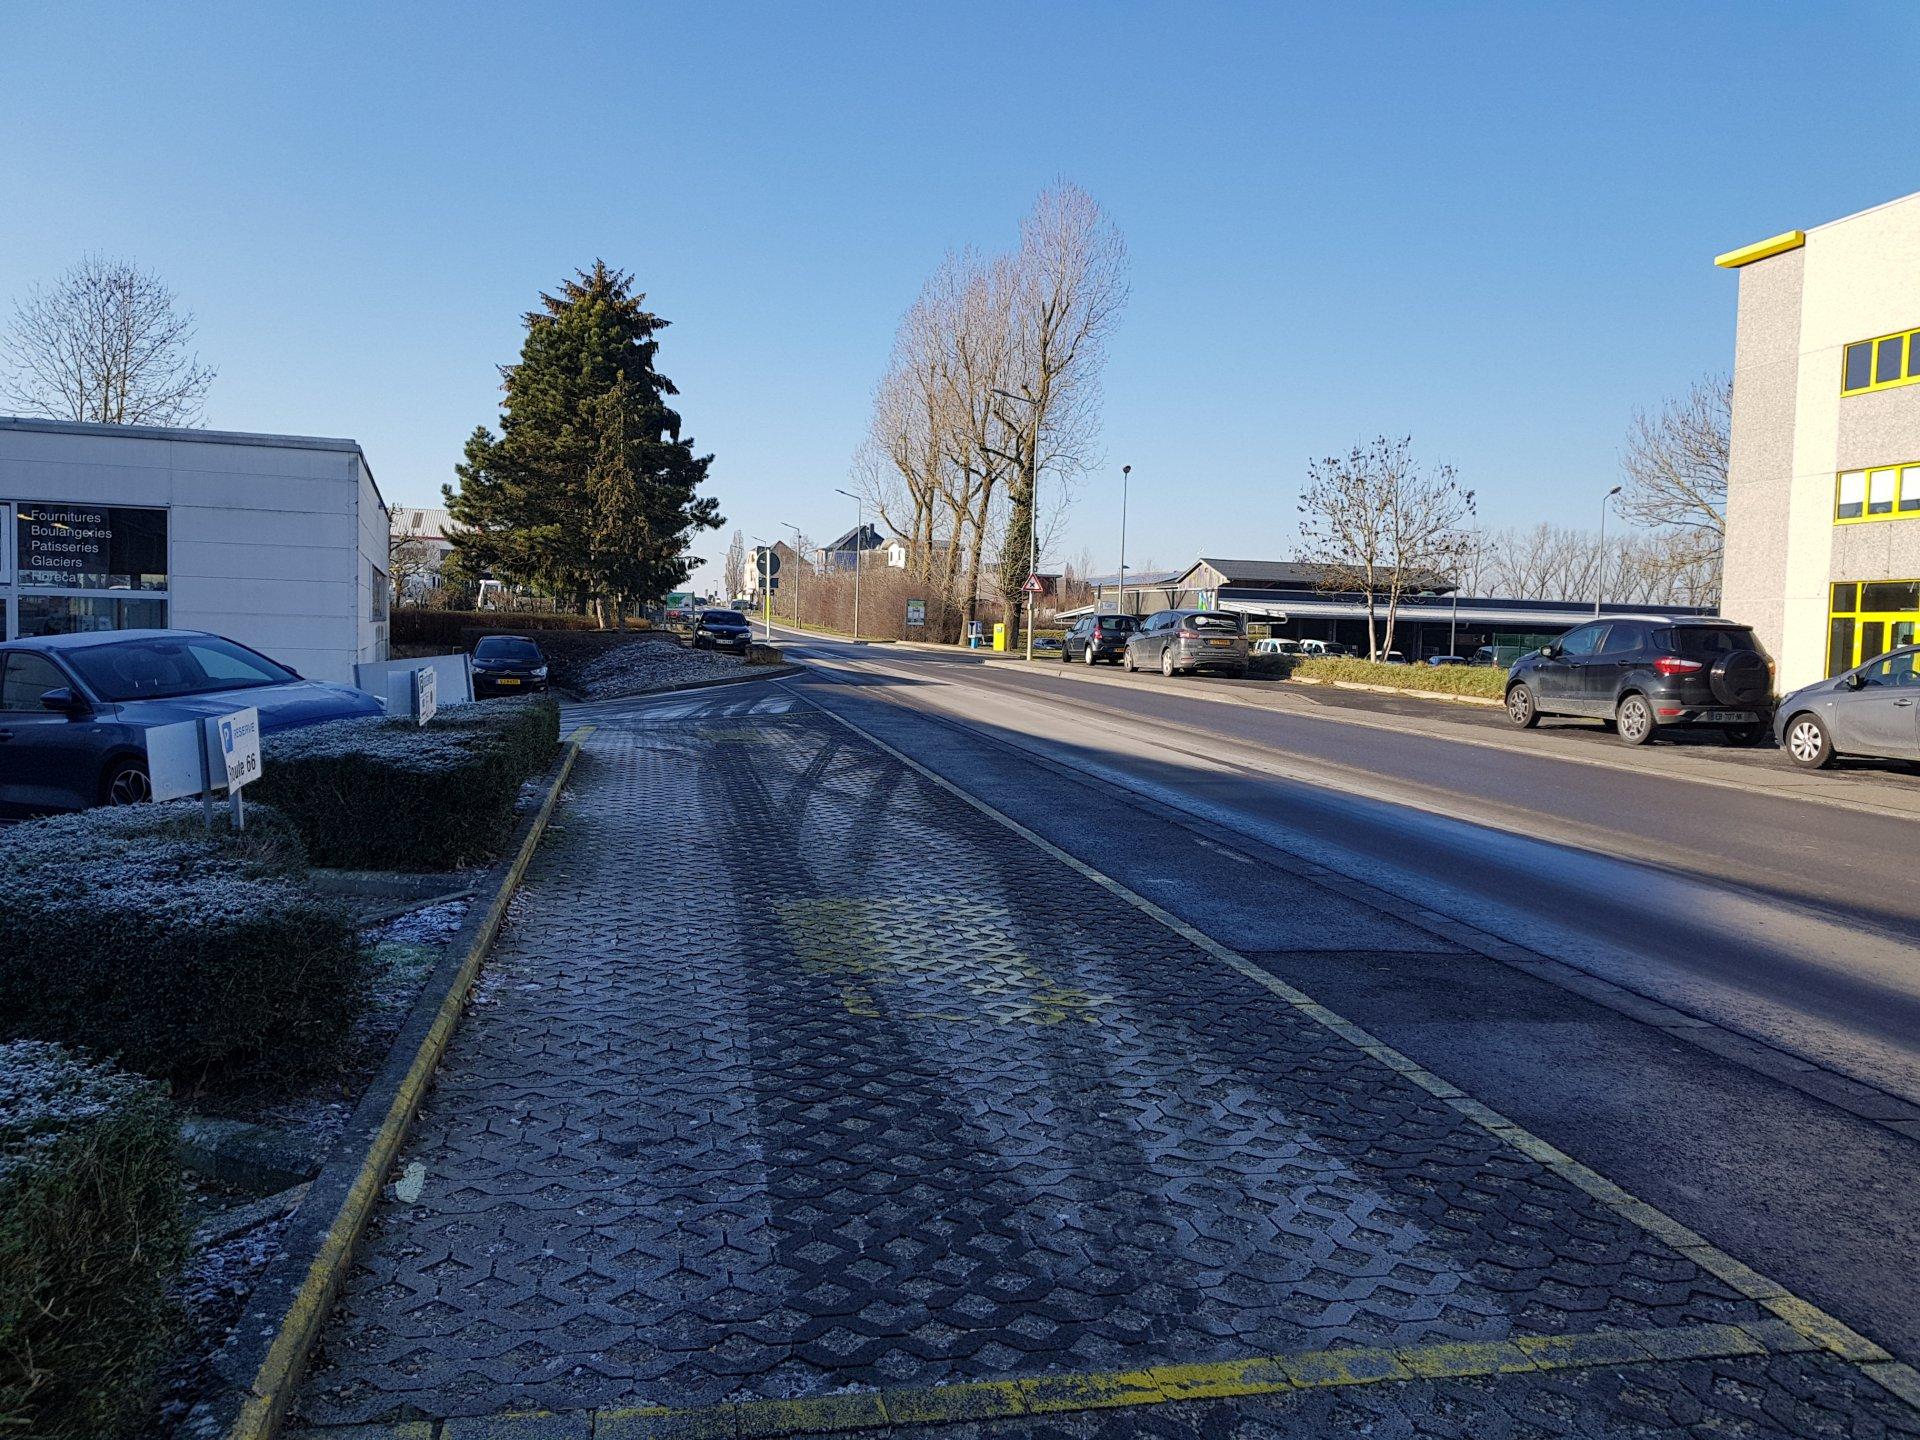 Vermietung Parkplatz - Windhof - Luxemburg